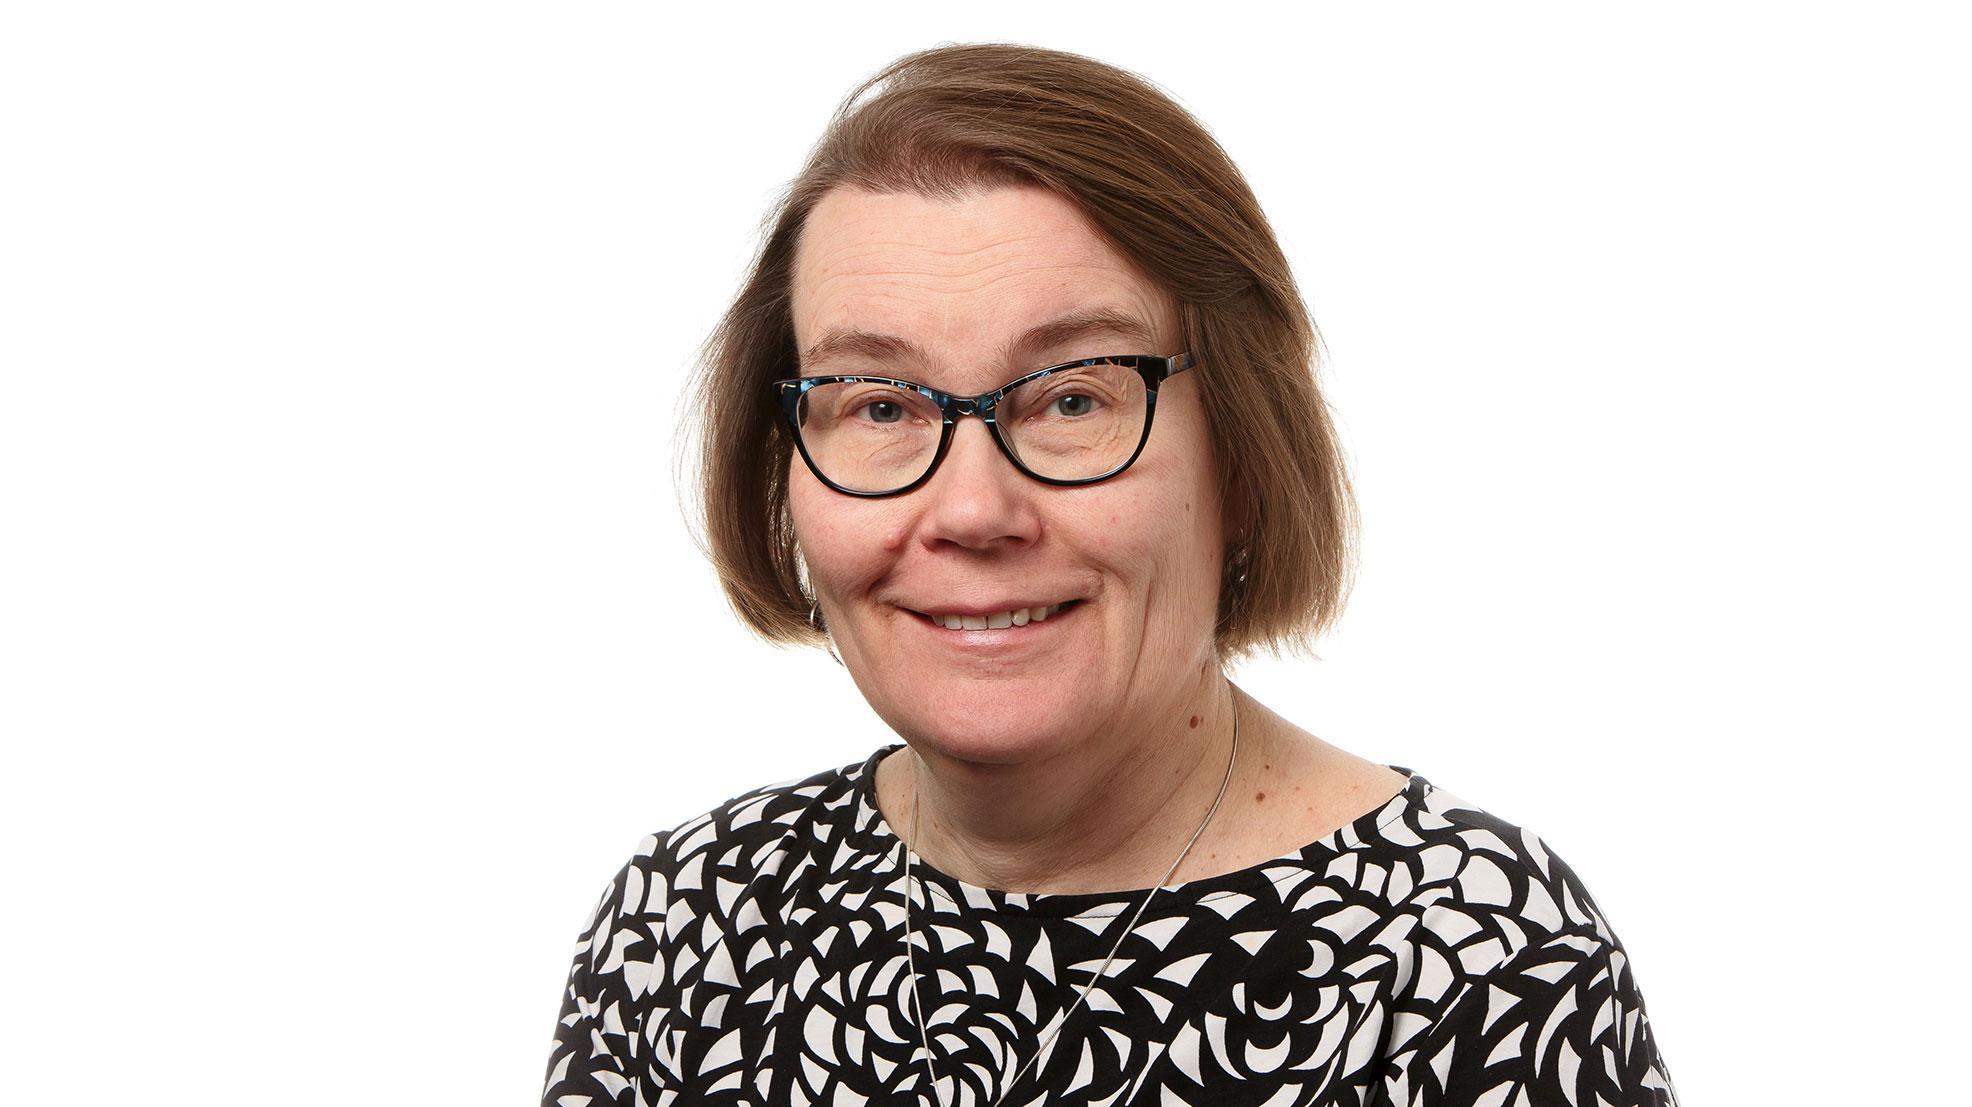 SAK:n asiantuntijalääkäri Riitta Työläjärvi